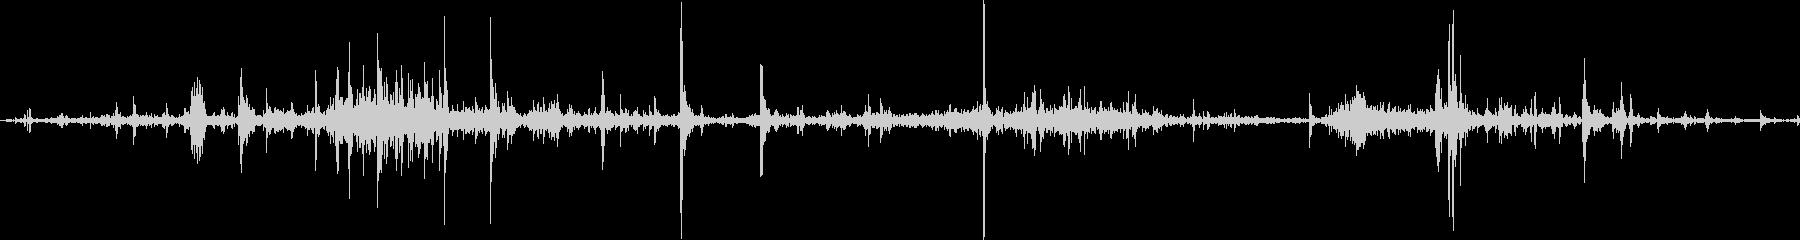 ウェットグーチークランチオアスクイ...の未再生の波形